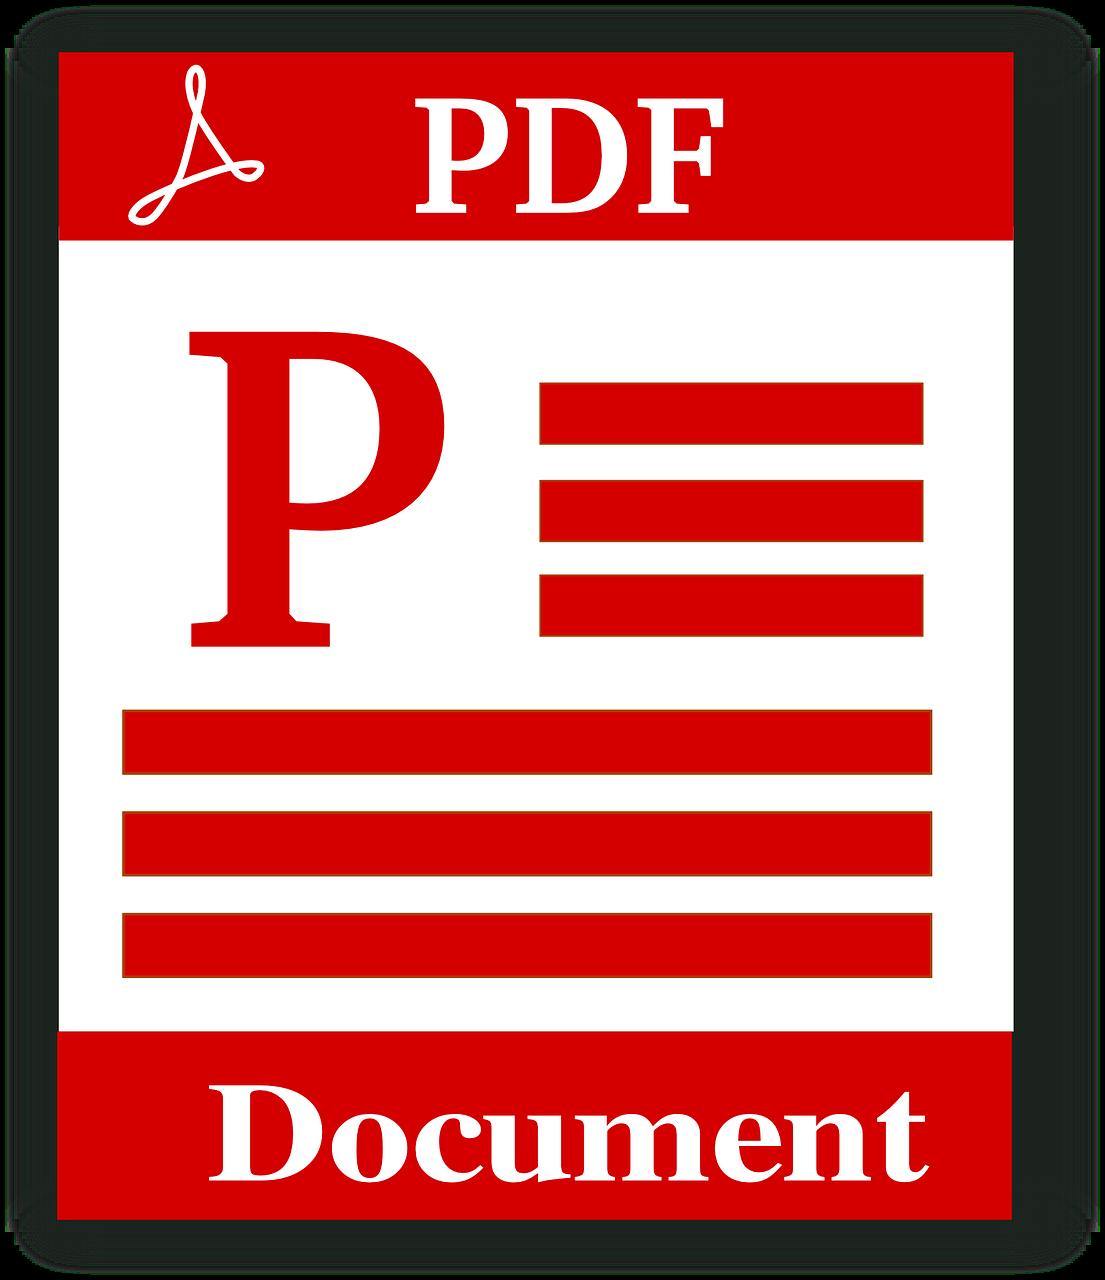 CC0 freies Bild von Pixabay https://pixabay.com/de/pdf-dokument-icon-anmelden-datei-47199/